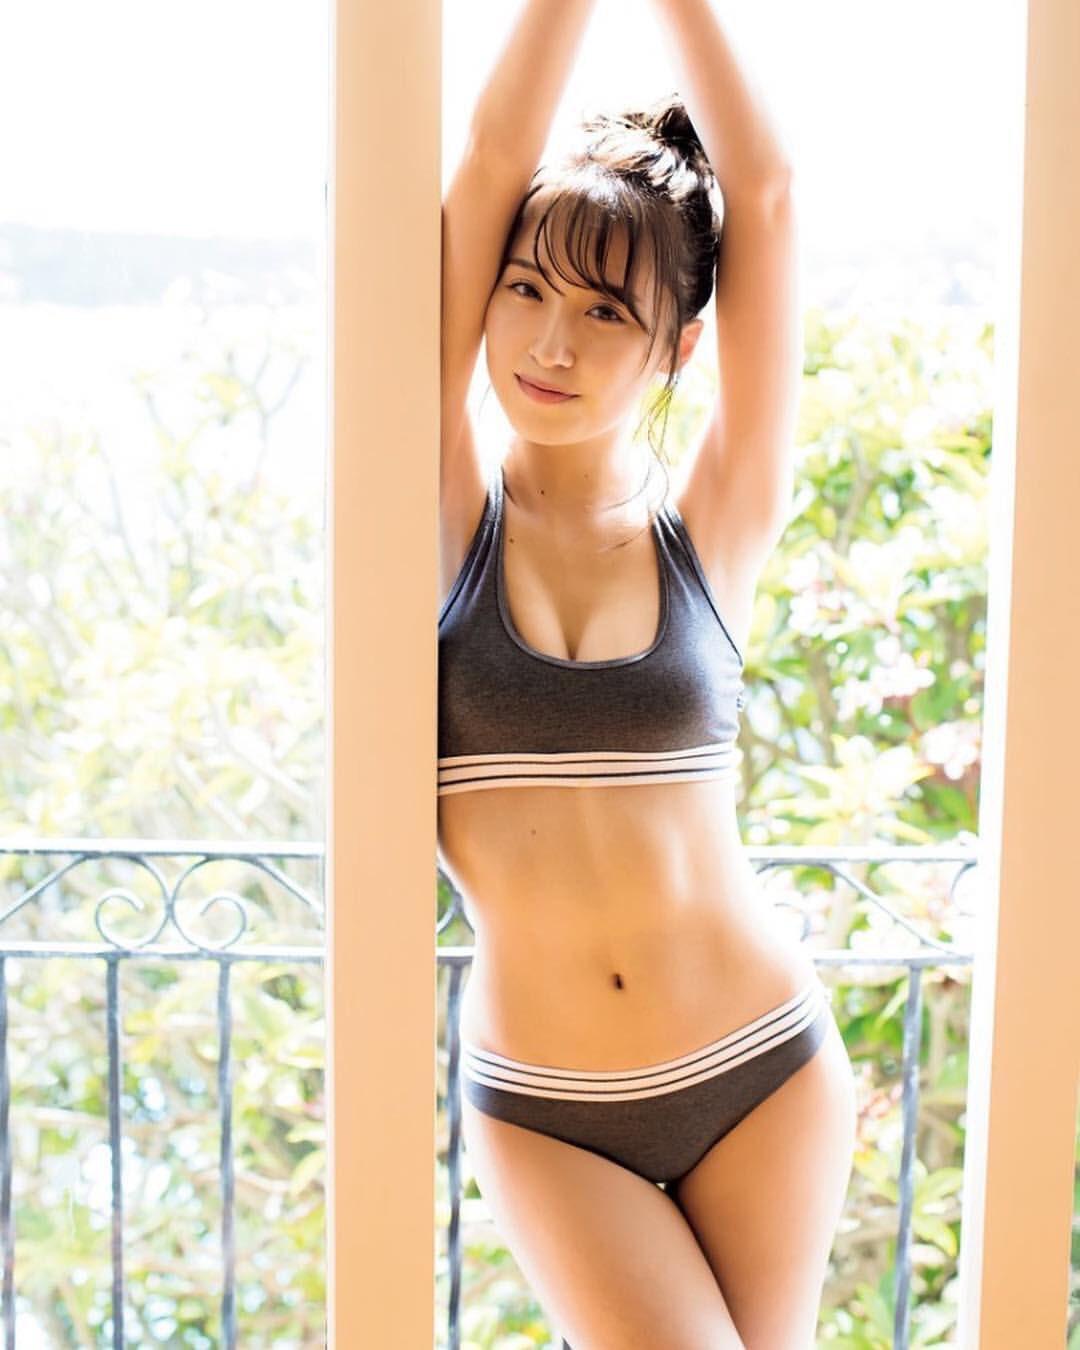 etou_misa029.jpg